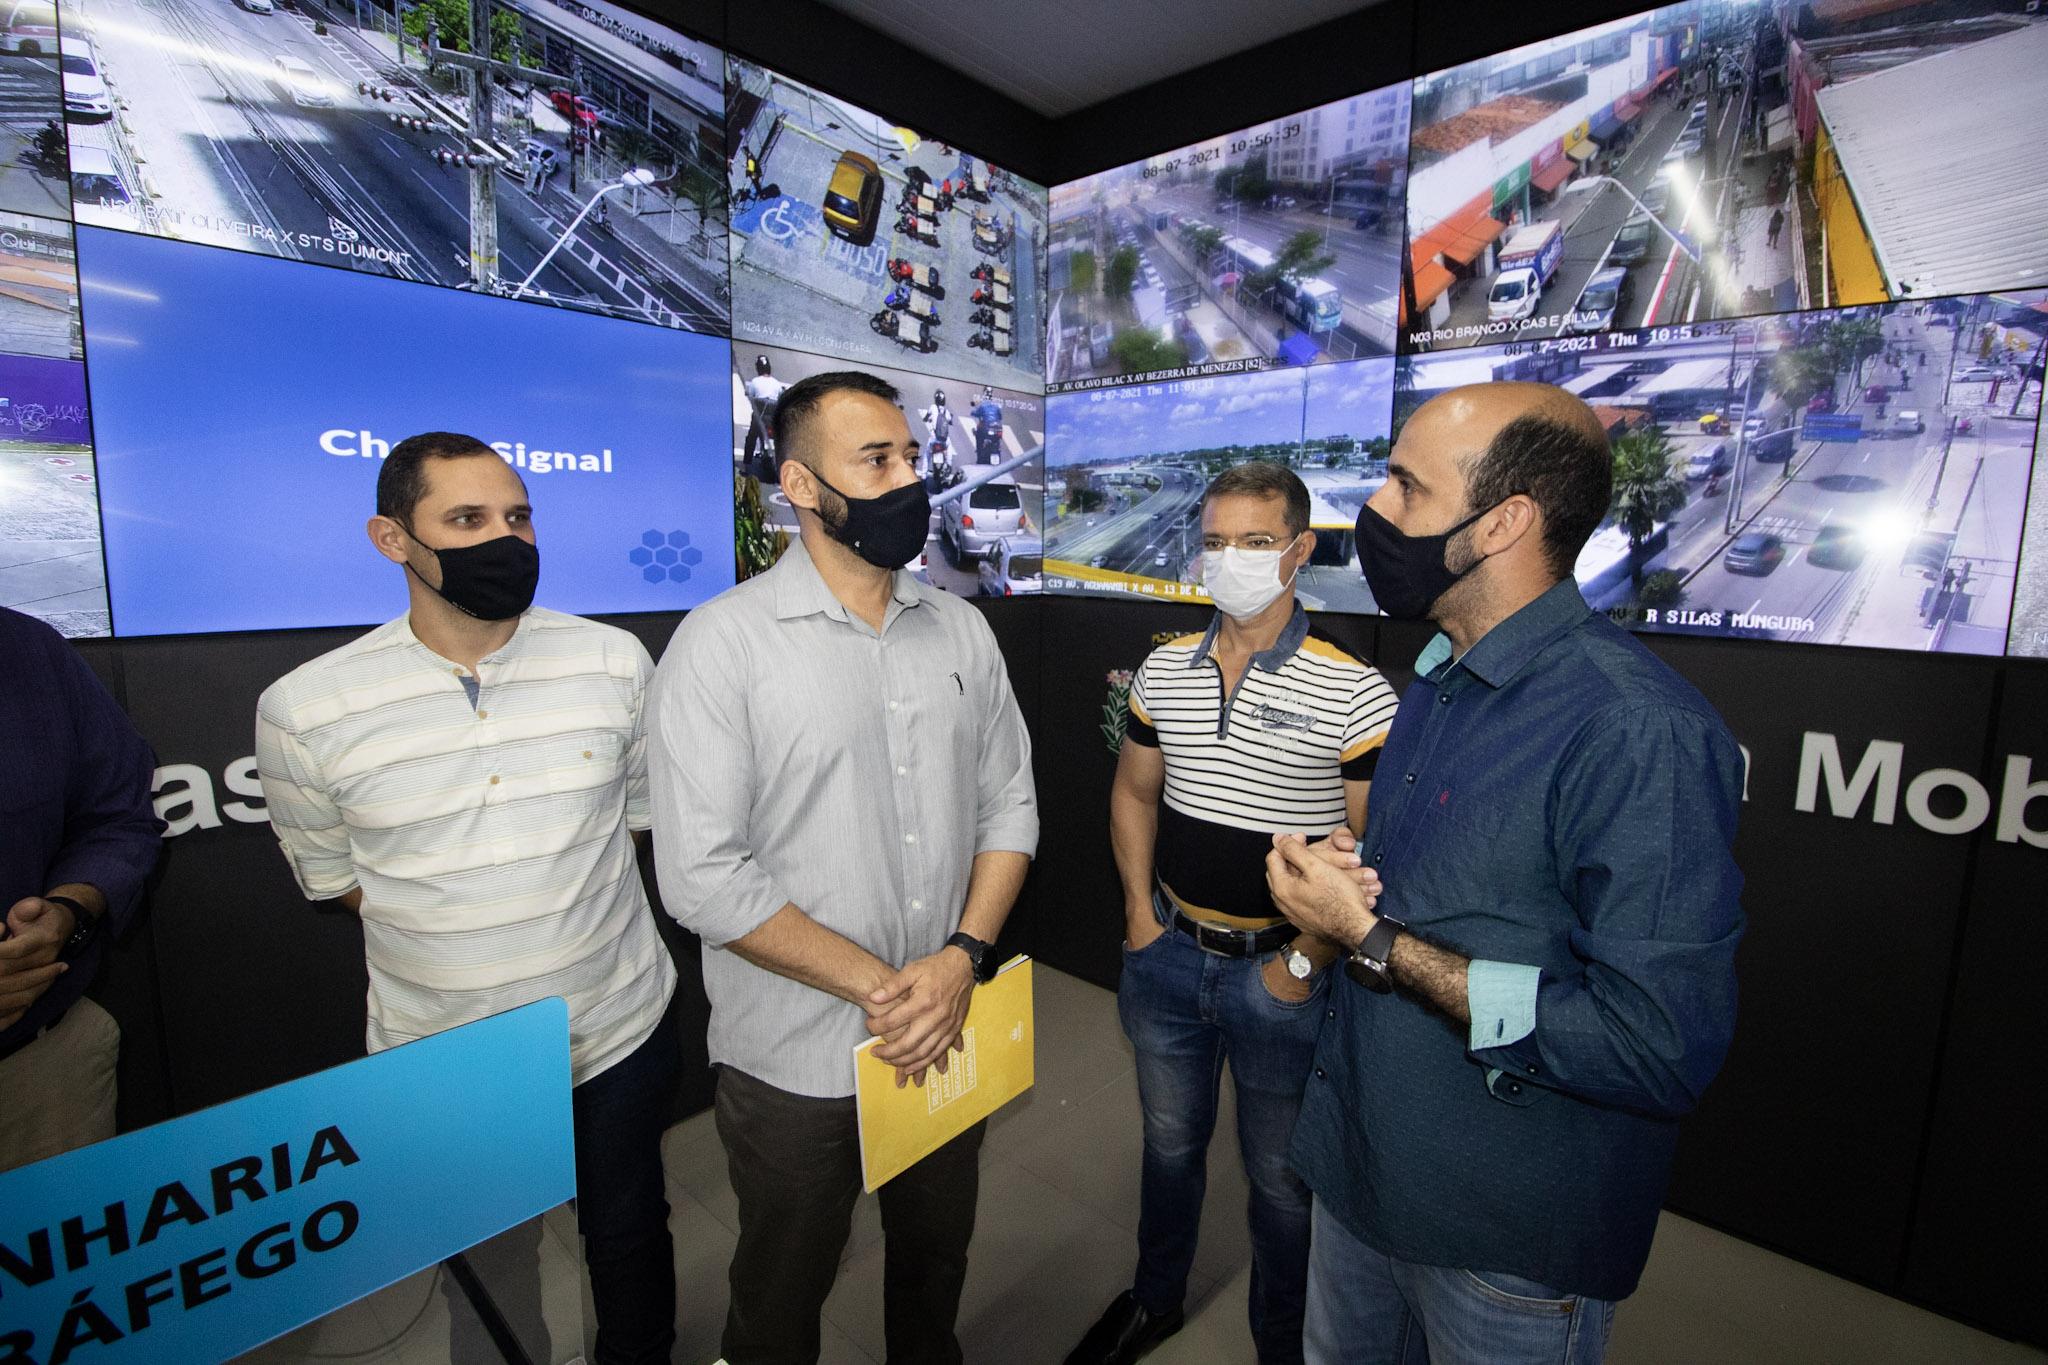 Secretaria busca novas tecnologias para salvar vidas no trânsito